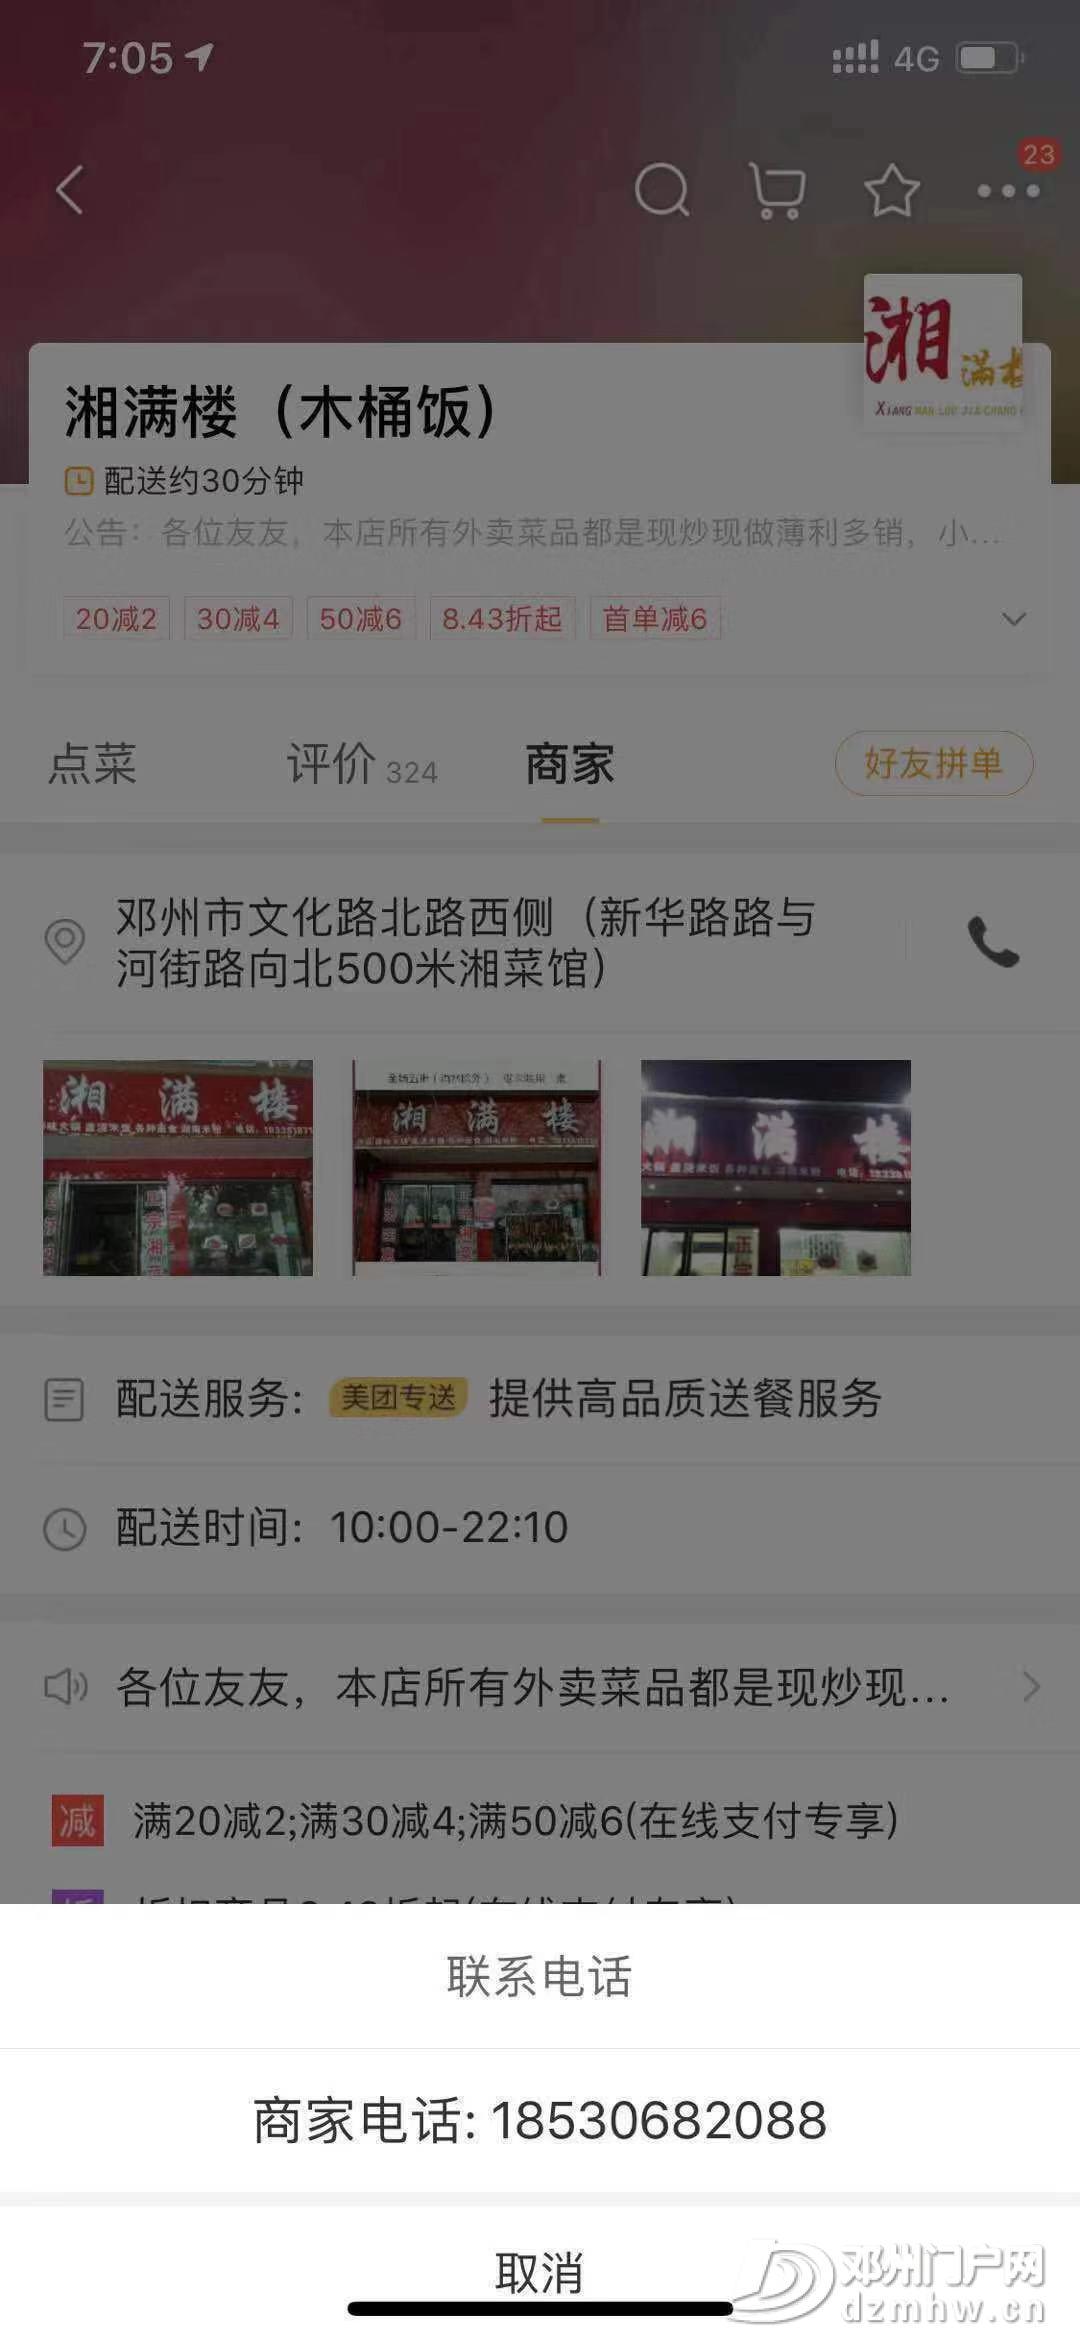 【曝光】邓州一外卖商家菜品出现异物,未能妥善处理! - 邓州门户网|邓州网 - 微信图片_20190805234557.jpg